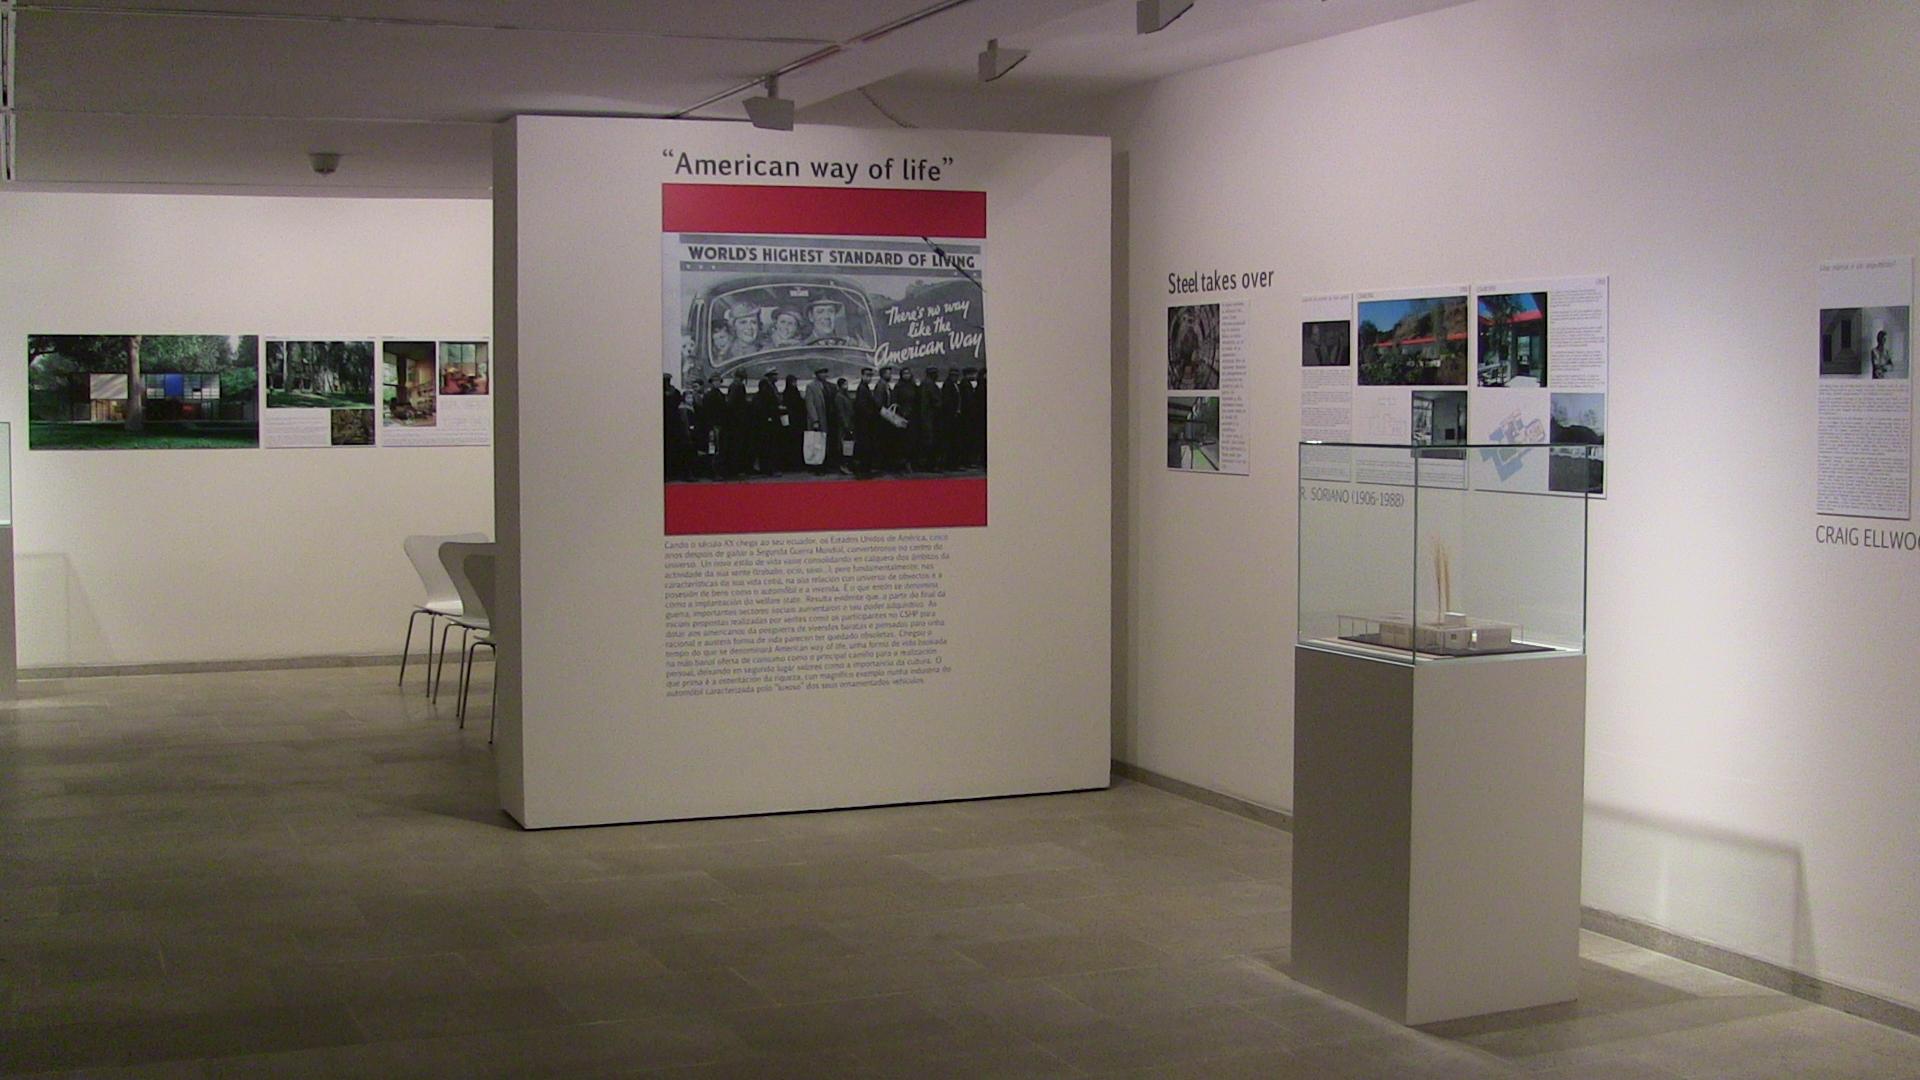 Imagen de la exposición California dreaming